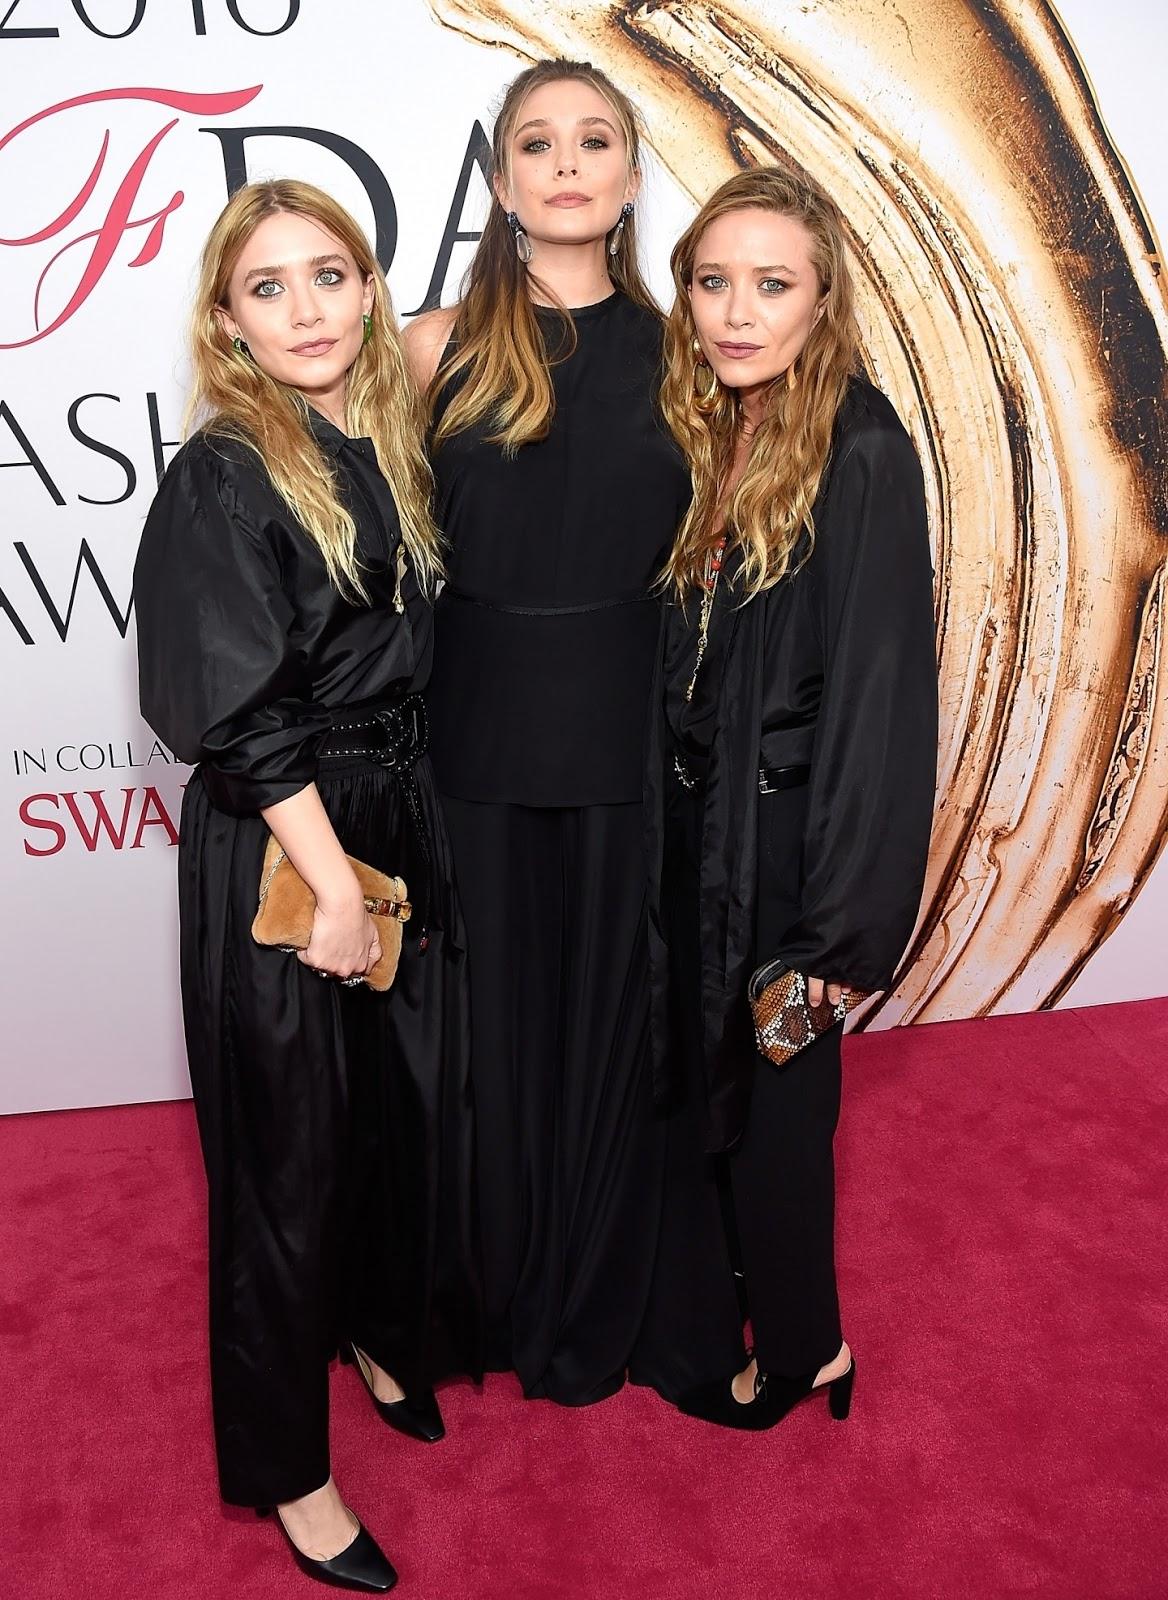 Elizabeth_Olsen-Mary-Kate_Olsen-Ashley_Olsen-CFDA_Fashion_Awards-NYC-6_6_2016-005.jpg